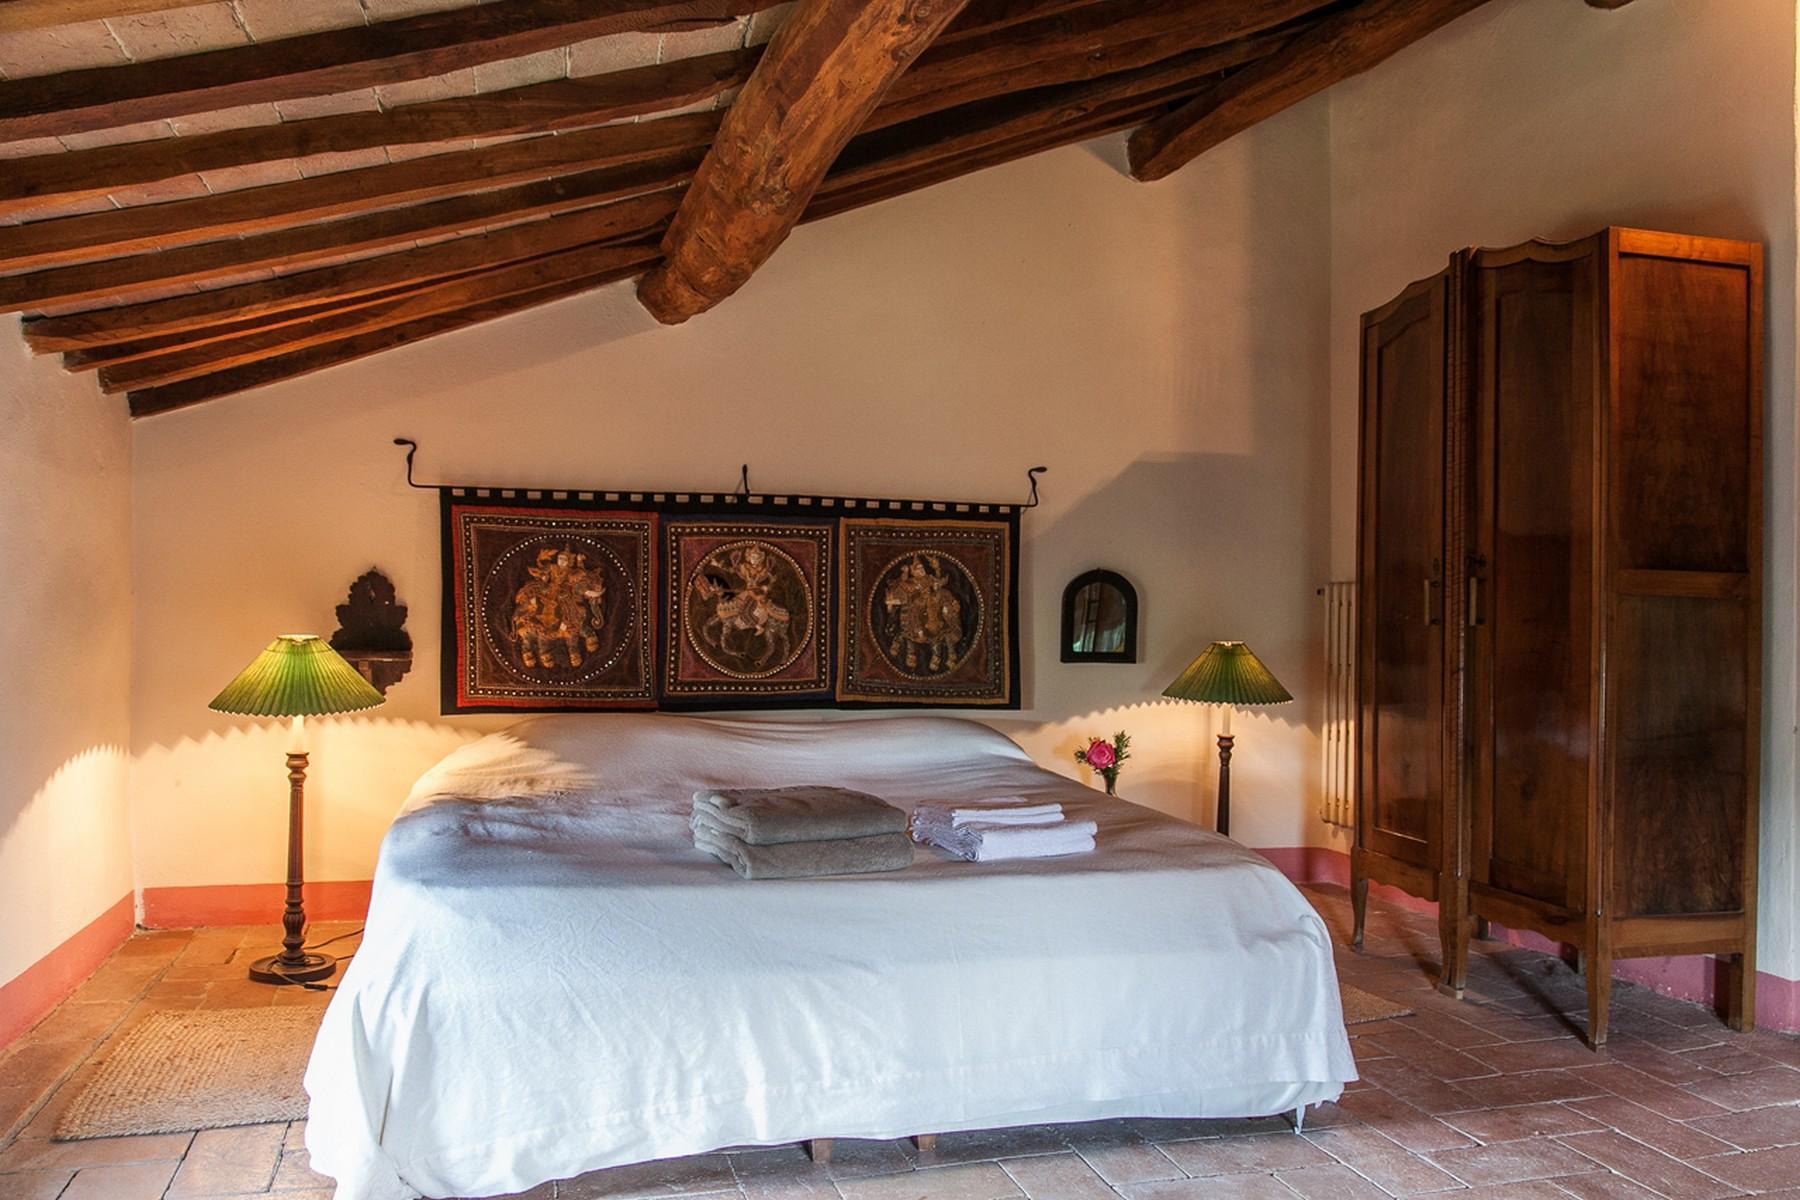 来自16世纪锡耶纳乡村优雅而古典的农舍 - 20